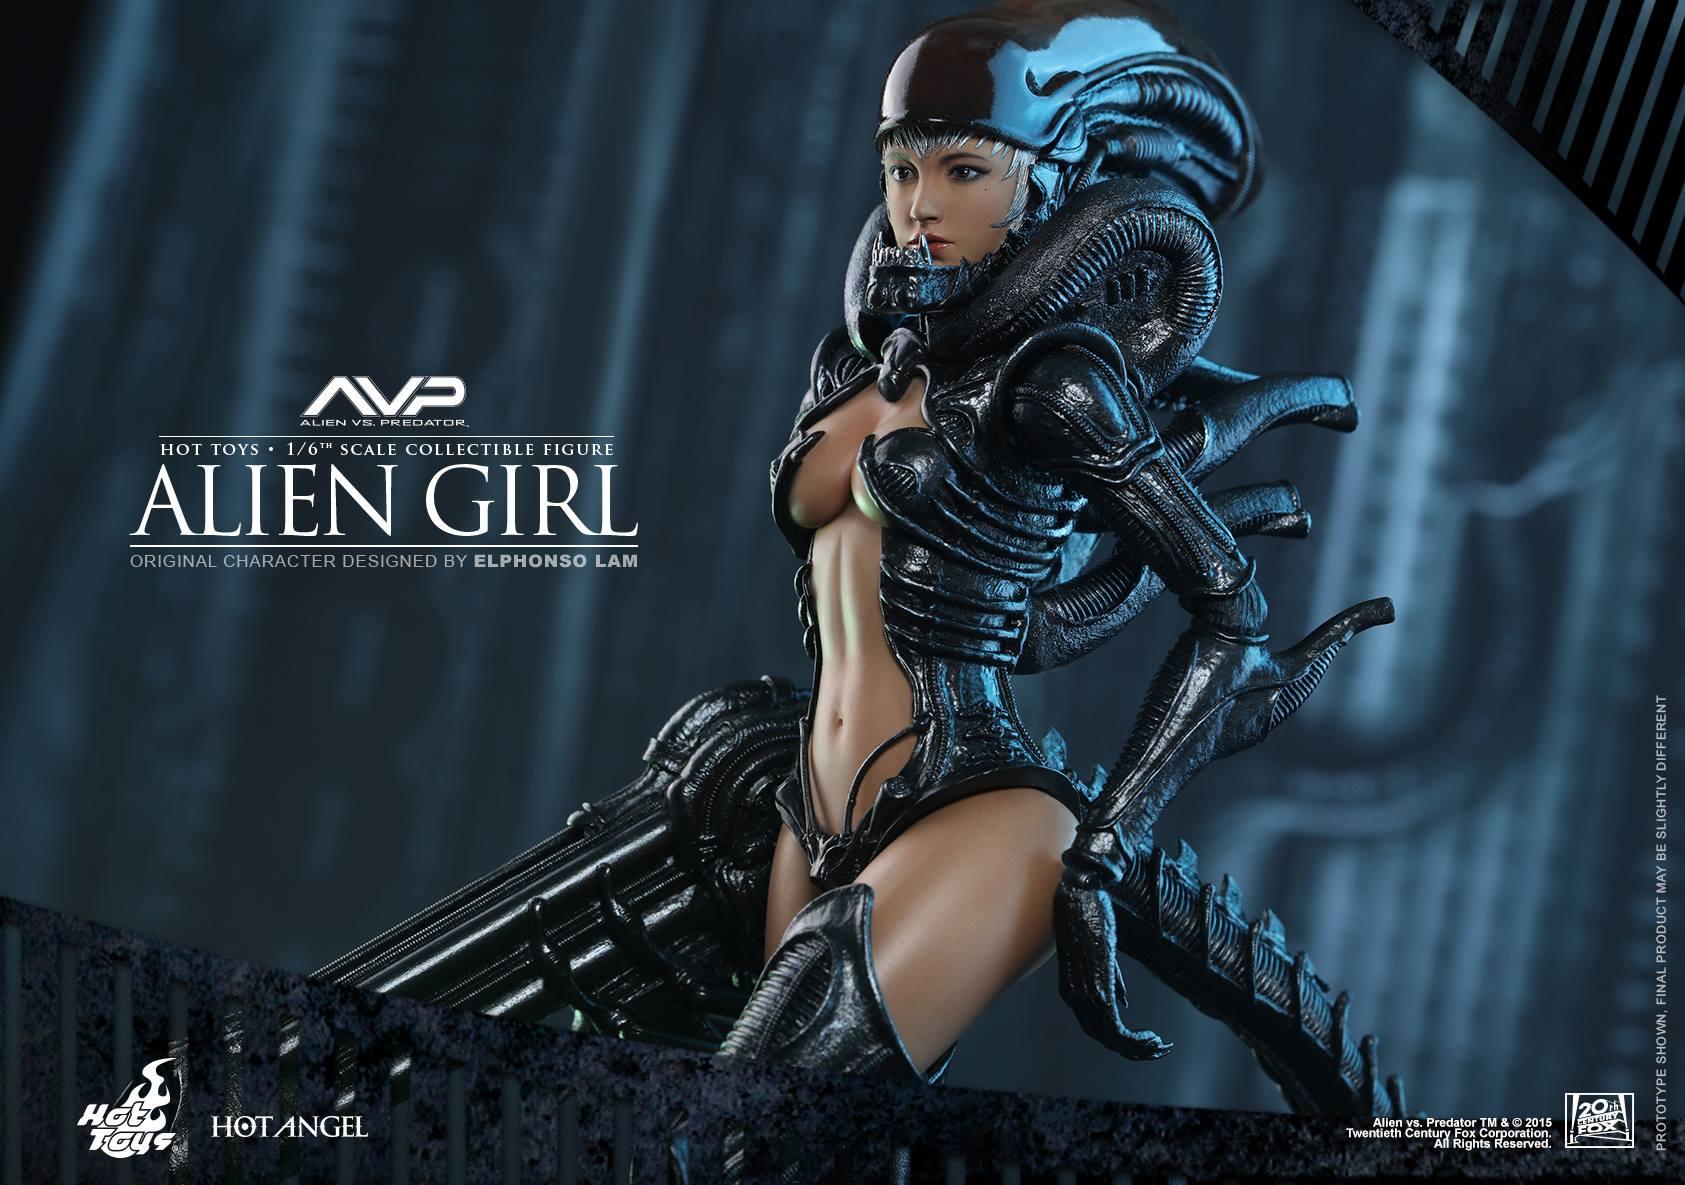 HOT TOYS - AVP - Alien Girl 985444114